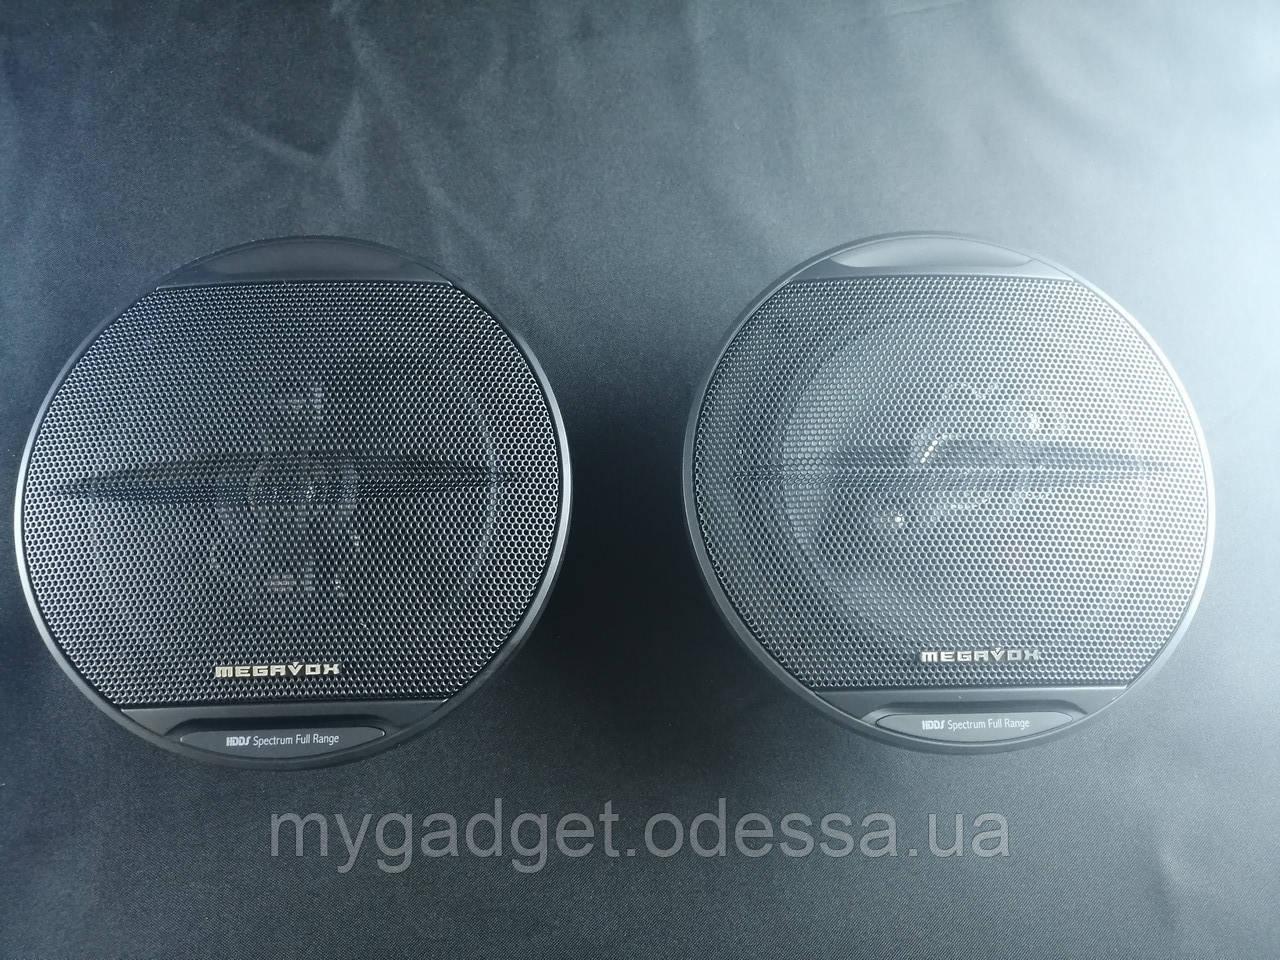 Автомобильные динамики Megavox MD-669-S4